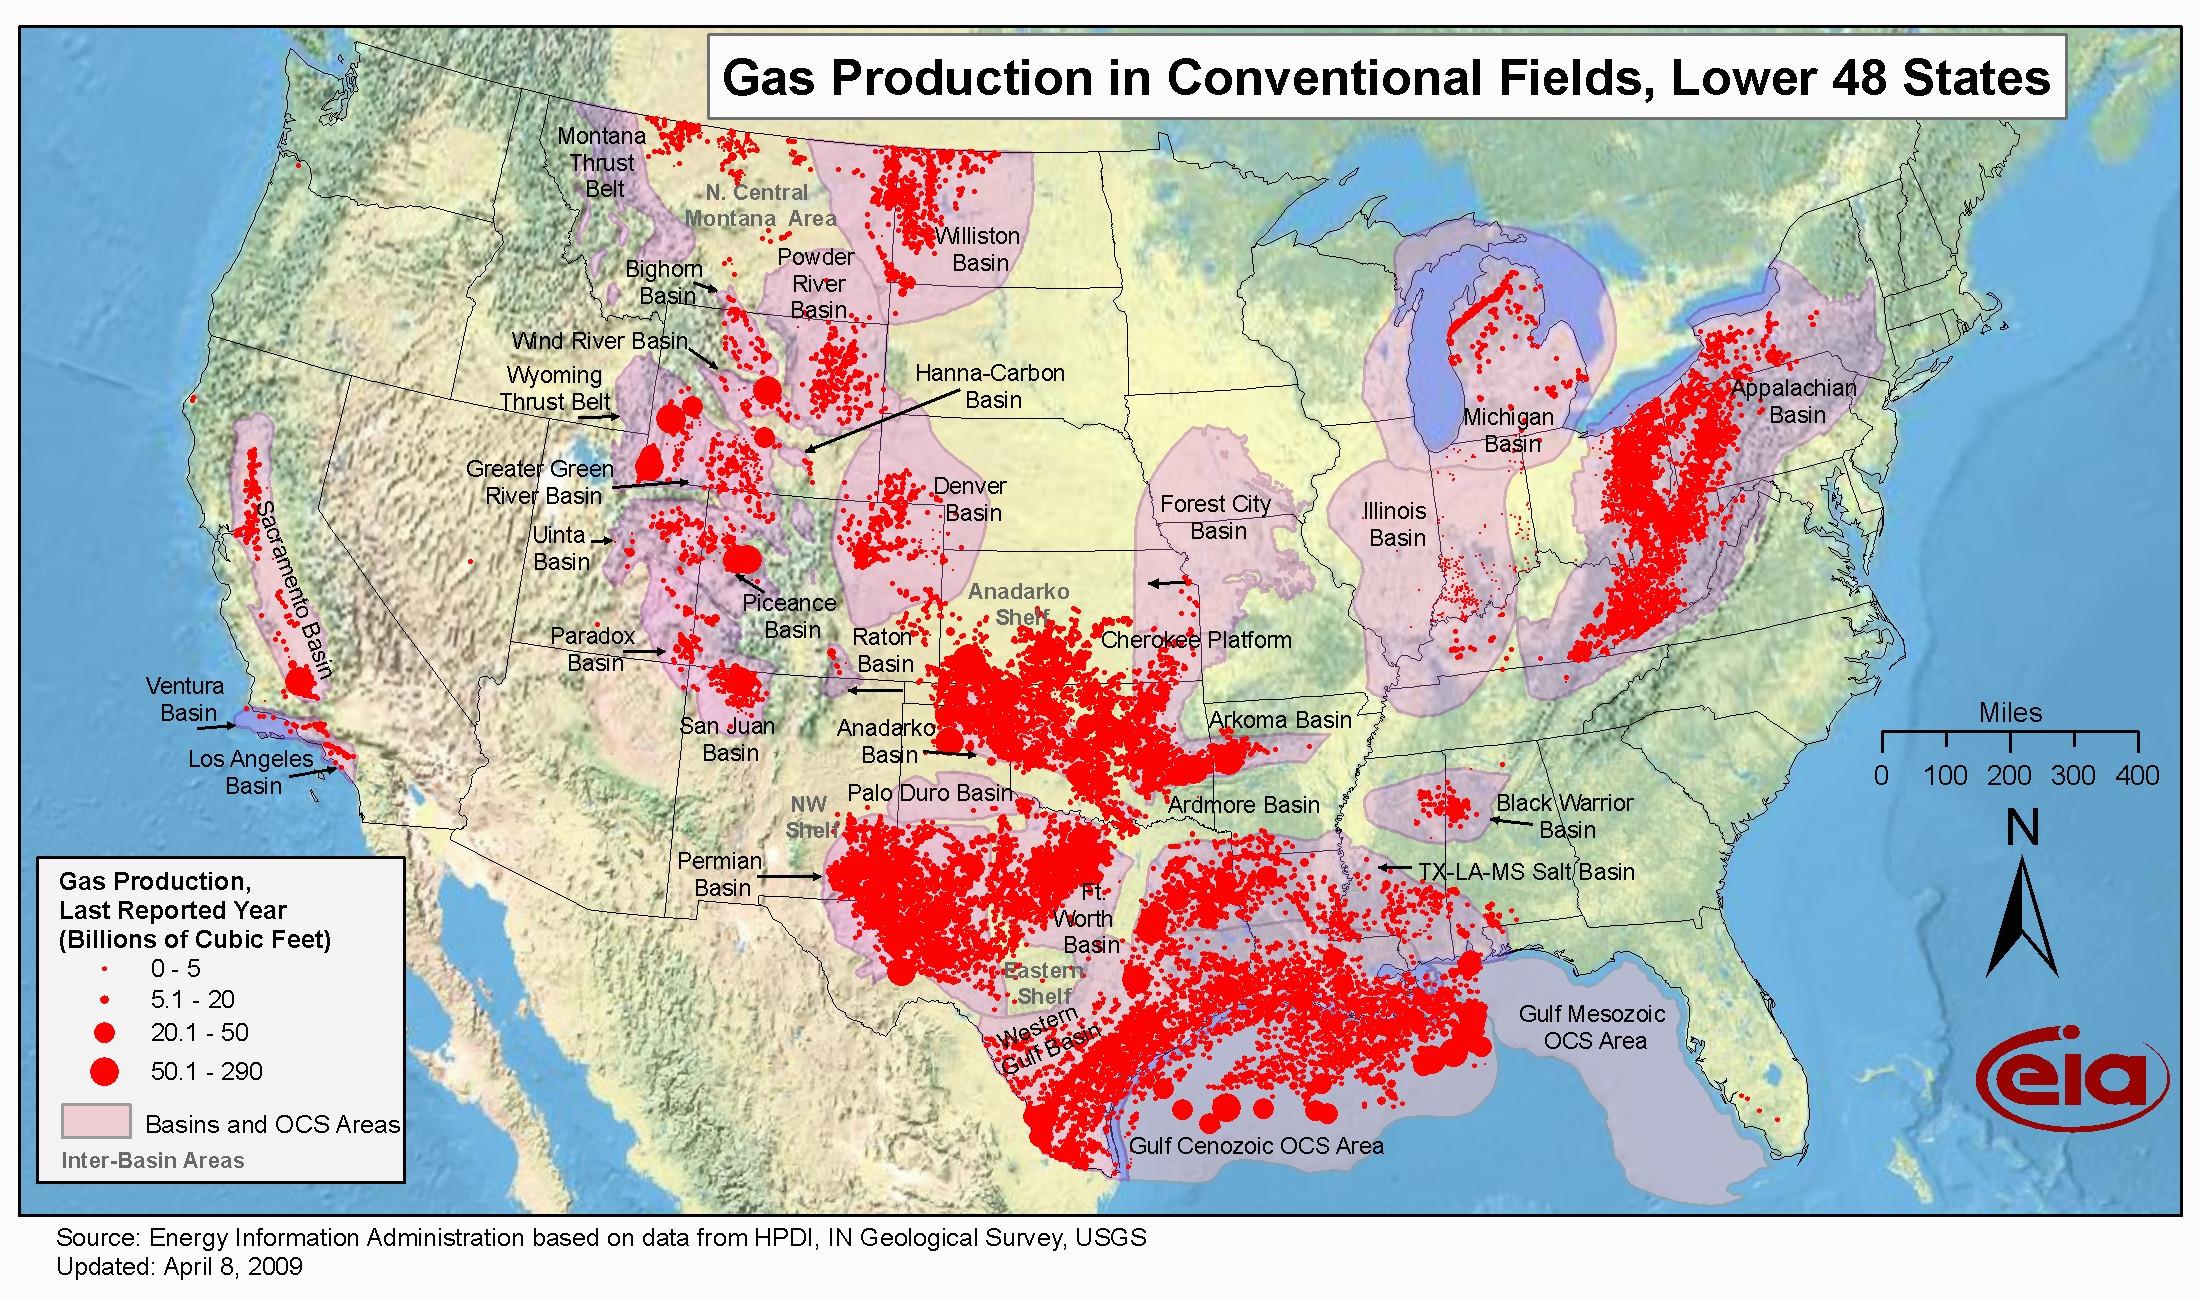 Colorado Oil Fields Map Oil Fields In Texas Map Business Ideas 2013